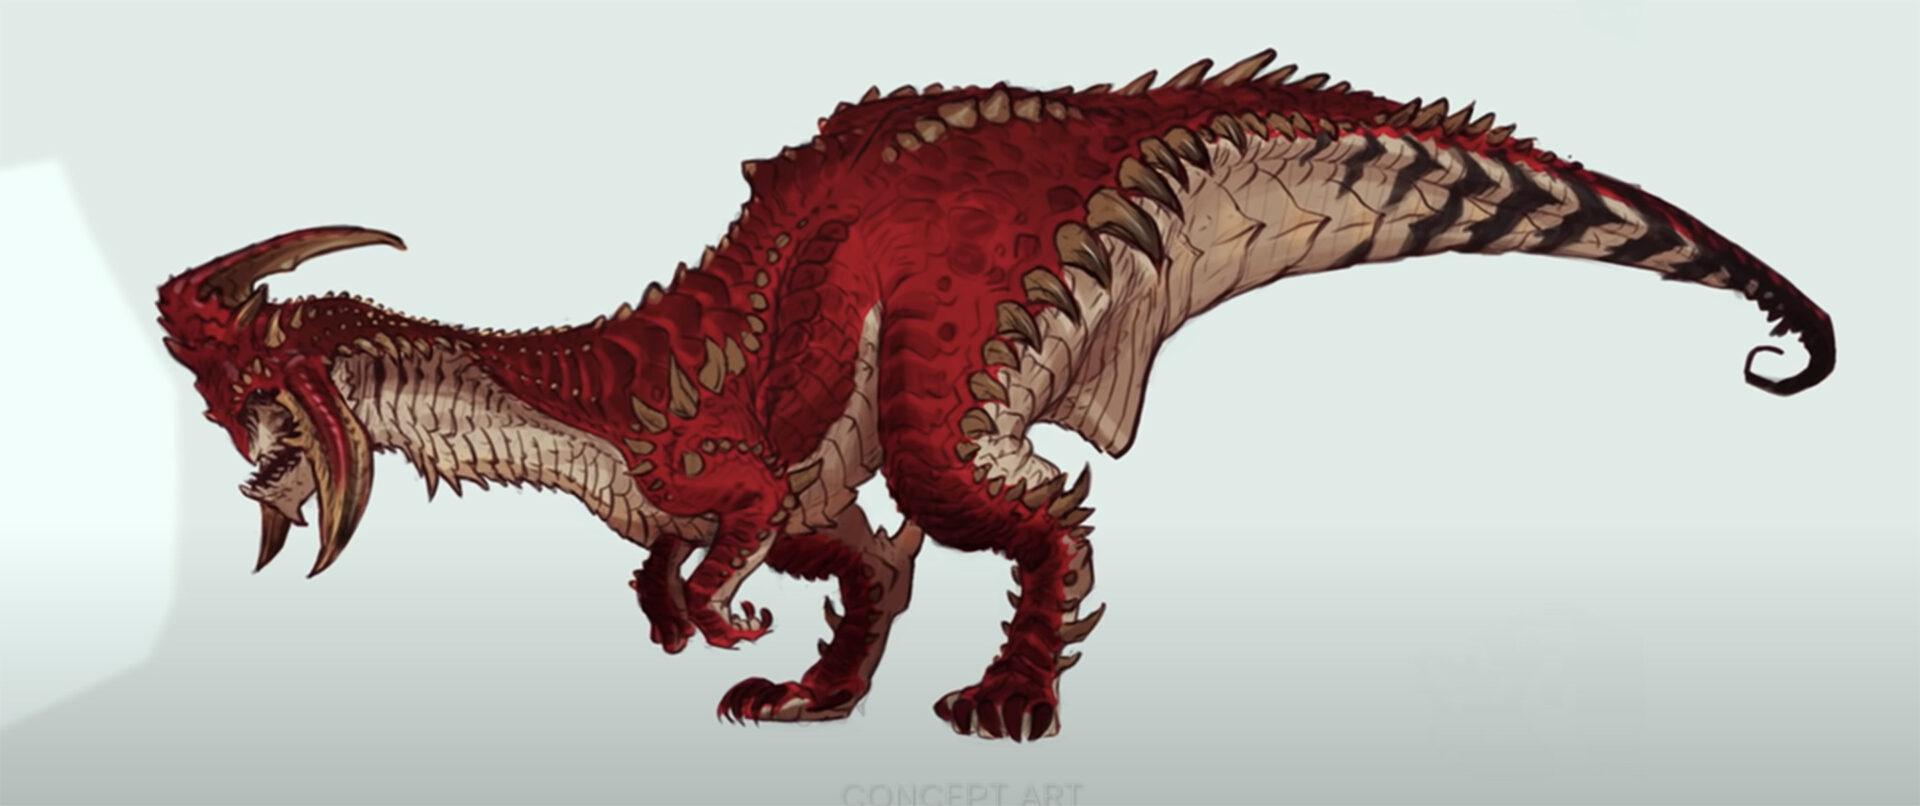 dragon_age_14.jpg